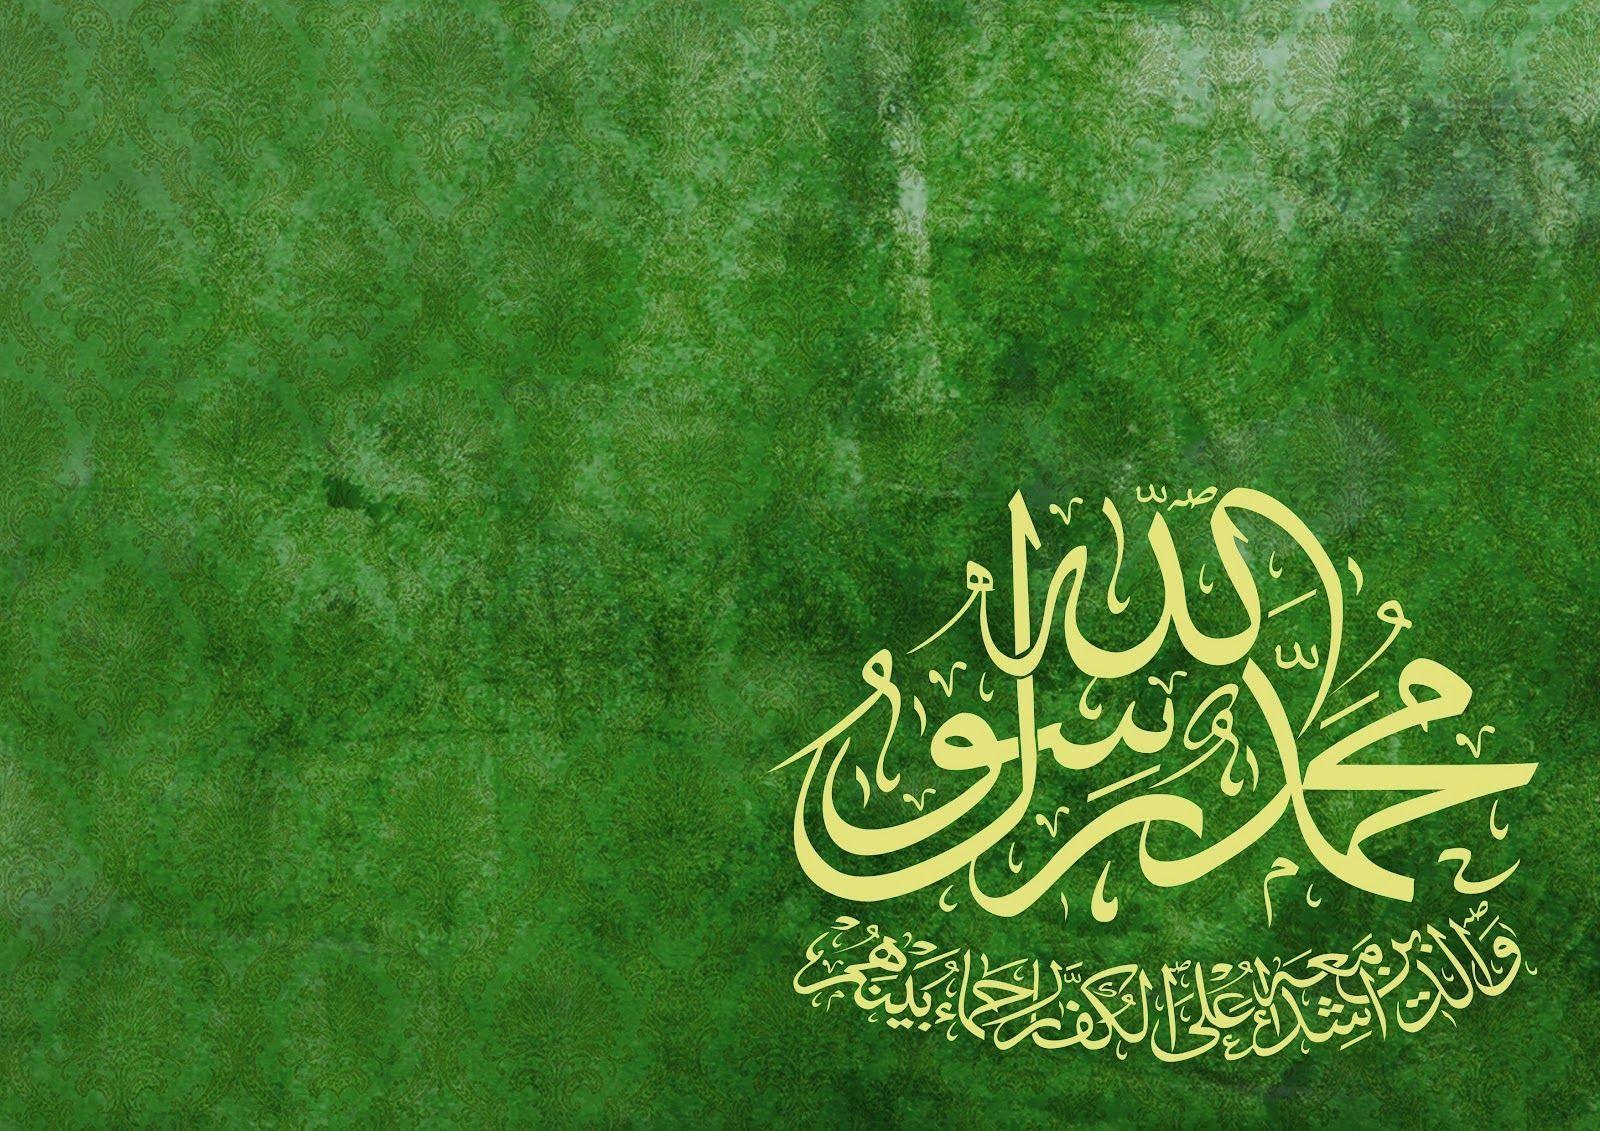 Татьяны, молитвы мусульманские открытки